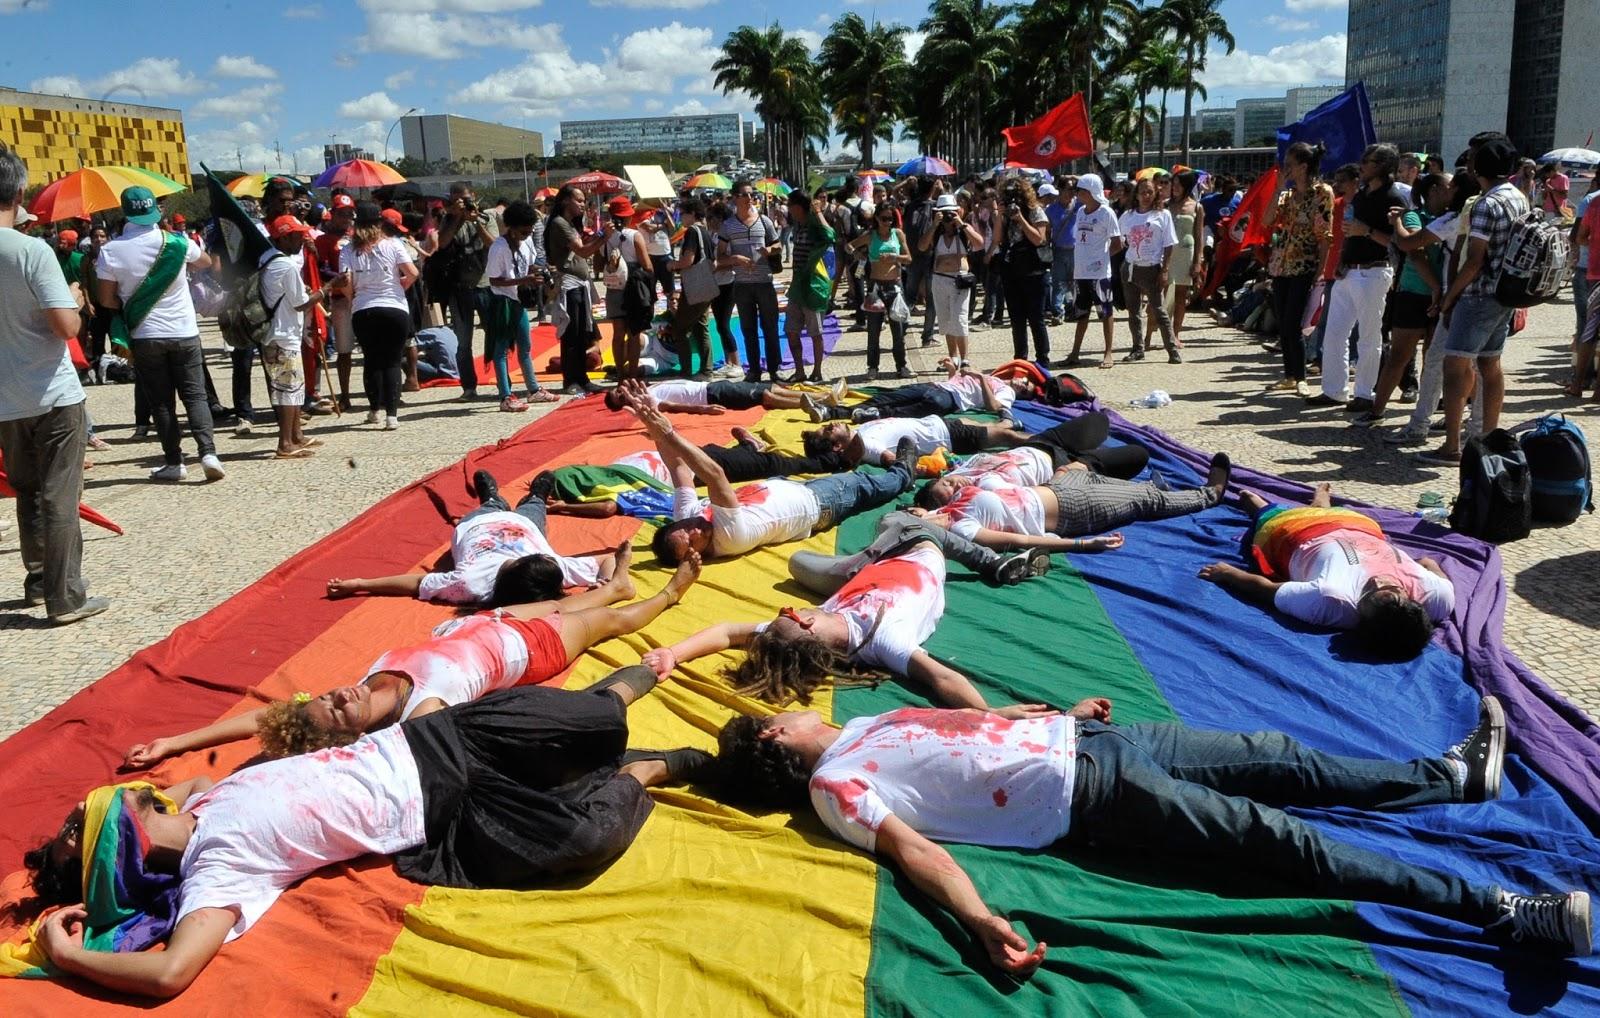 Boletins de ocorrência por homofobia aumentaram 5 vezes em MT em apenas seis anos